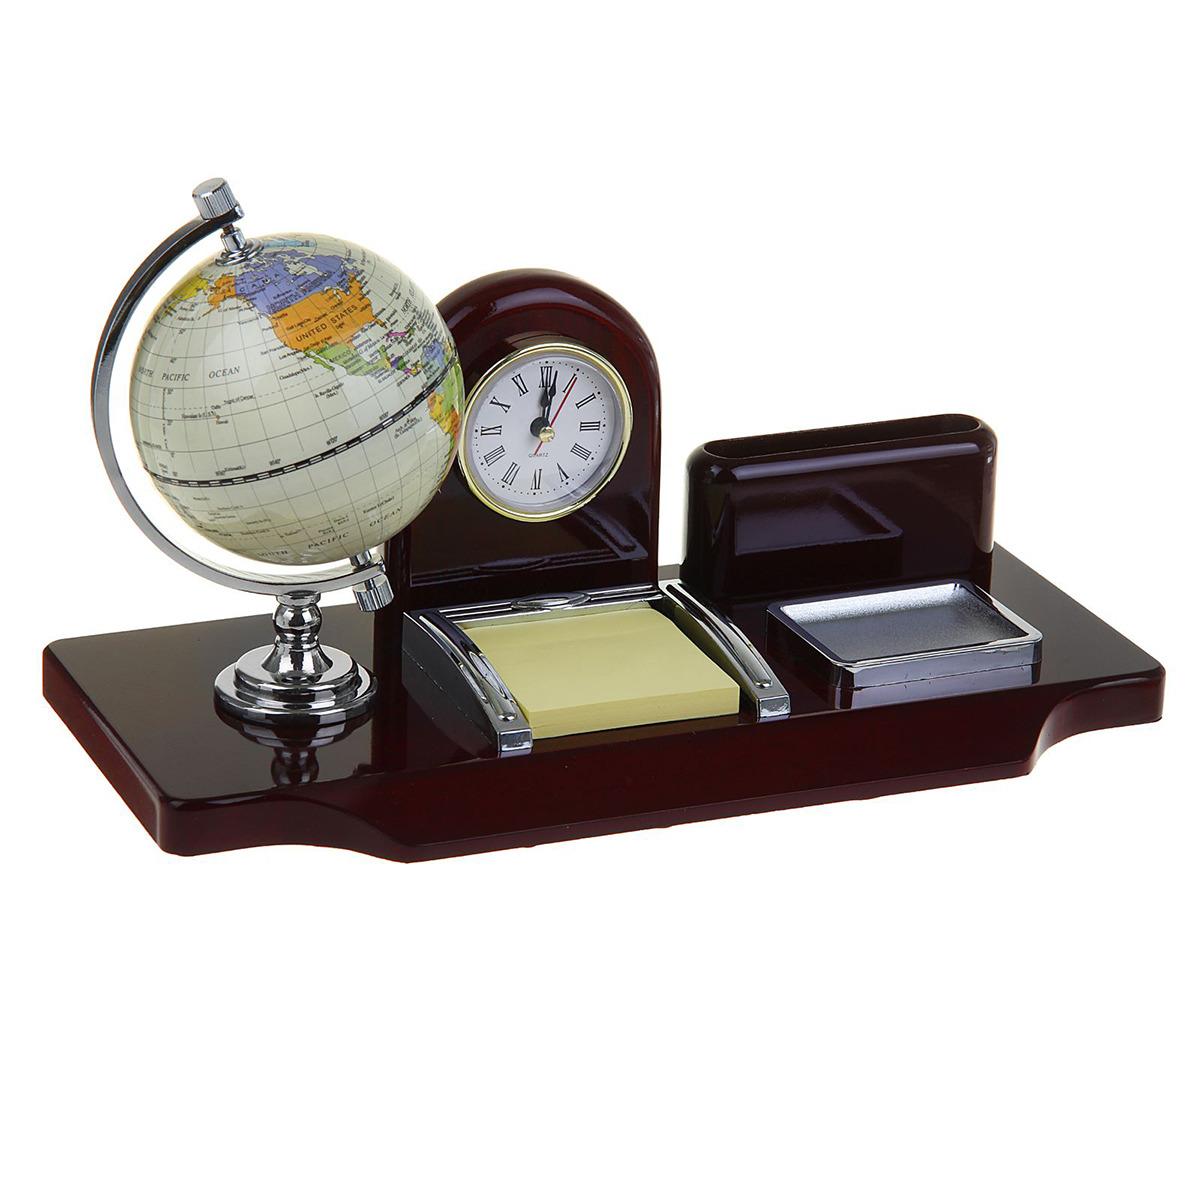 Канцелярский набор Часы 5 в 1, 430109, коричневый, 19 х 24 х 16,5 см